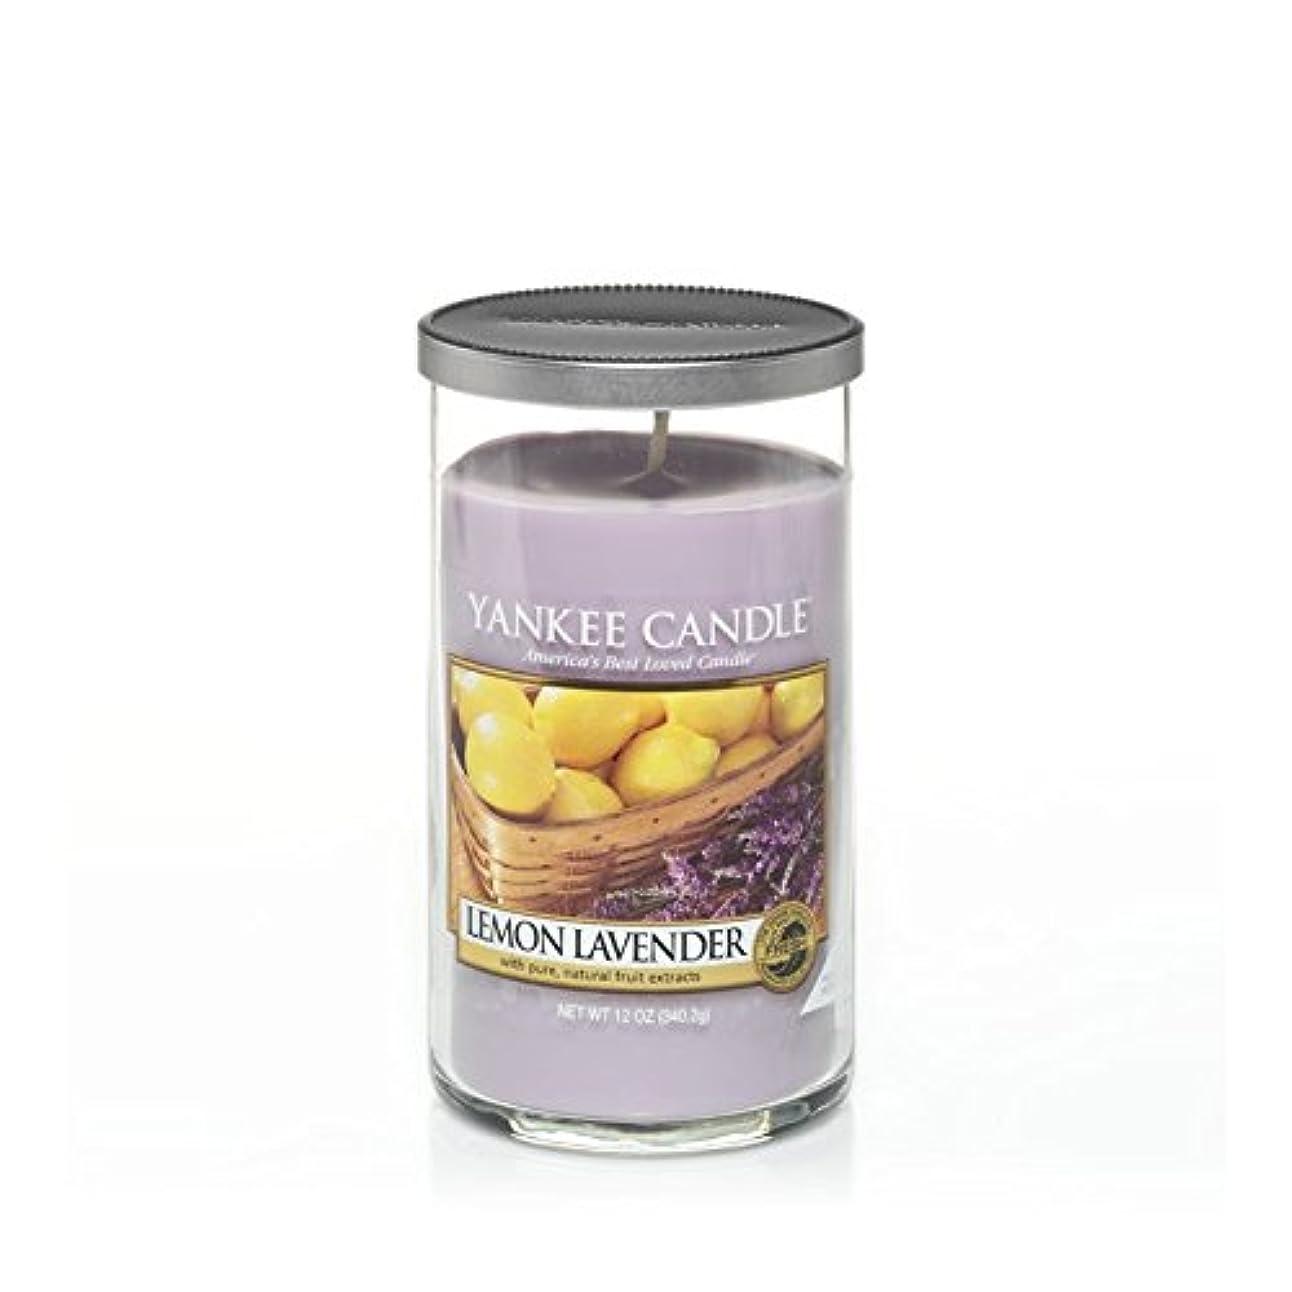 ヤンキーキャンドルメディアピラーキャンドル - レモンラベンダー - Yankee Candles Medium Pillar Candle - Lemon Lavender (Yankee Candles) [並行輸入品]